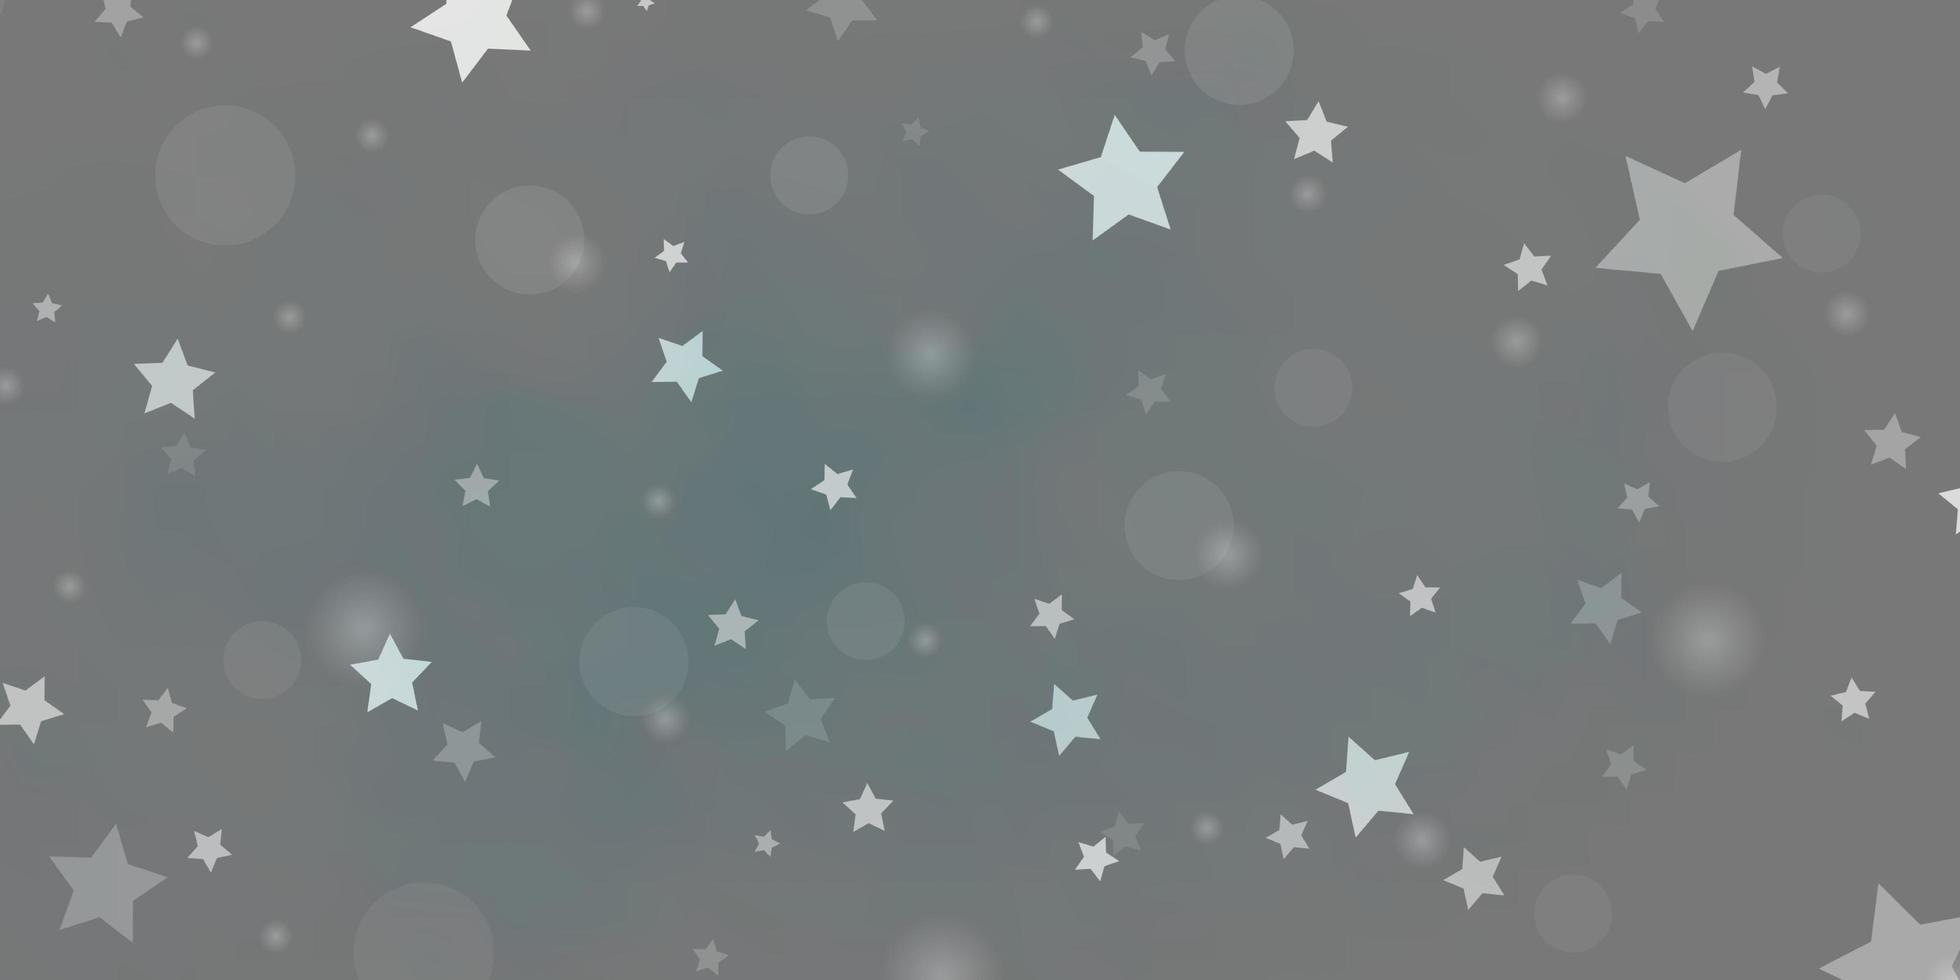 grå och blå bakgrund med cirklar, stjärnor. vektor